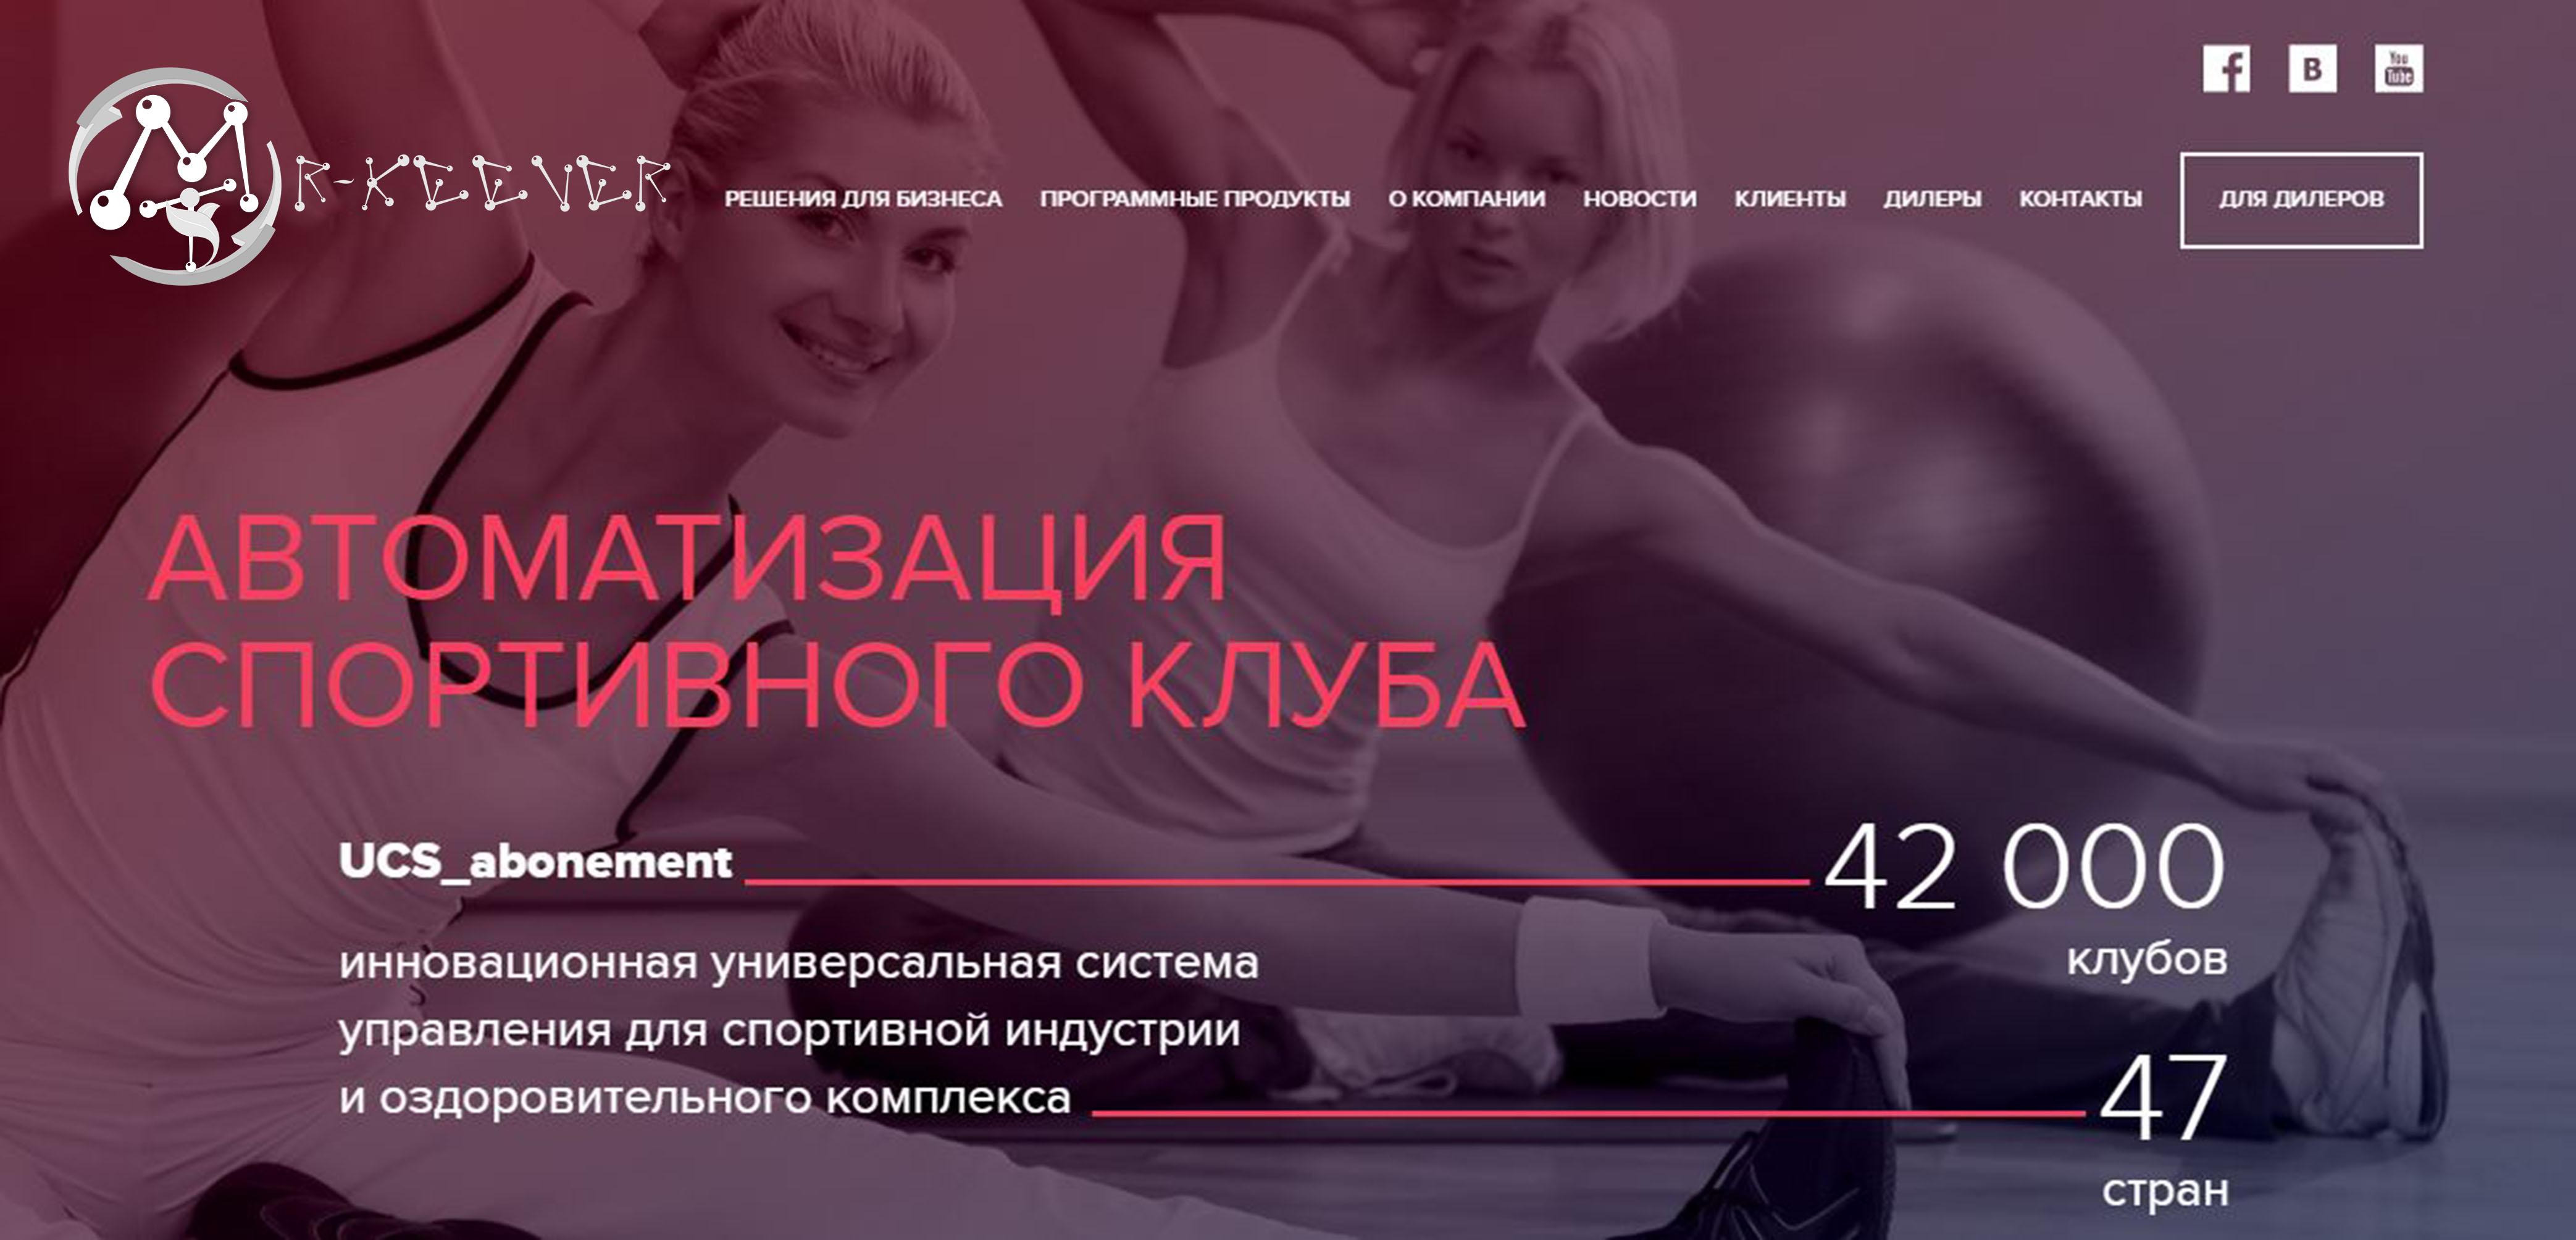 Разработка логотипа фото f_1905977af7115432.jpg